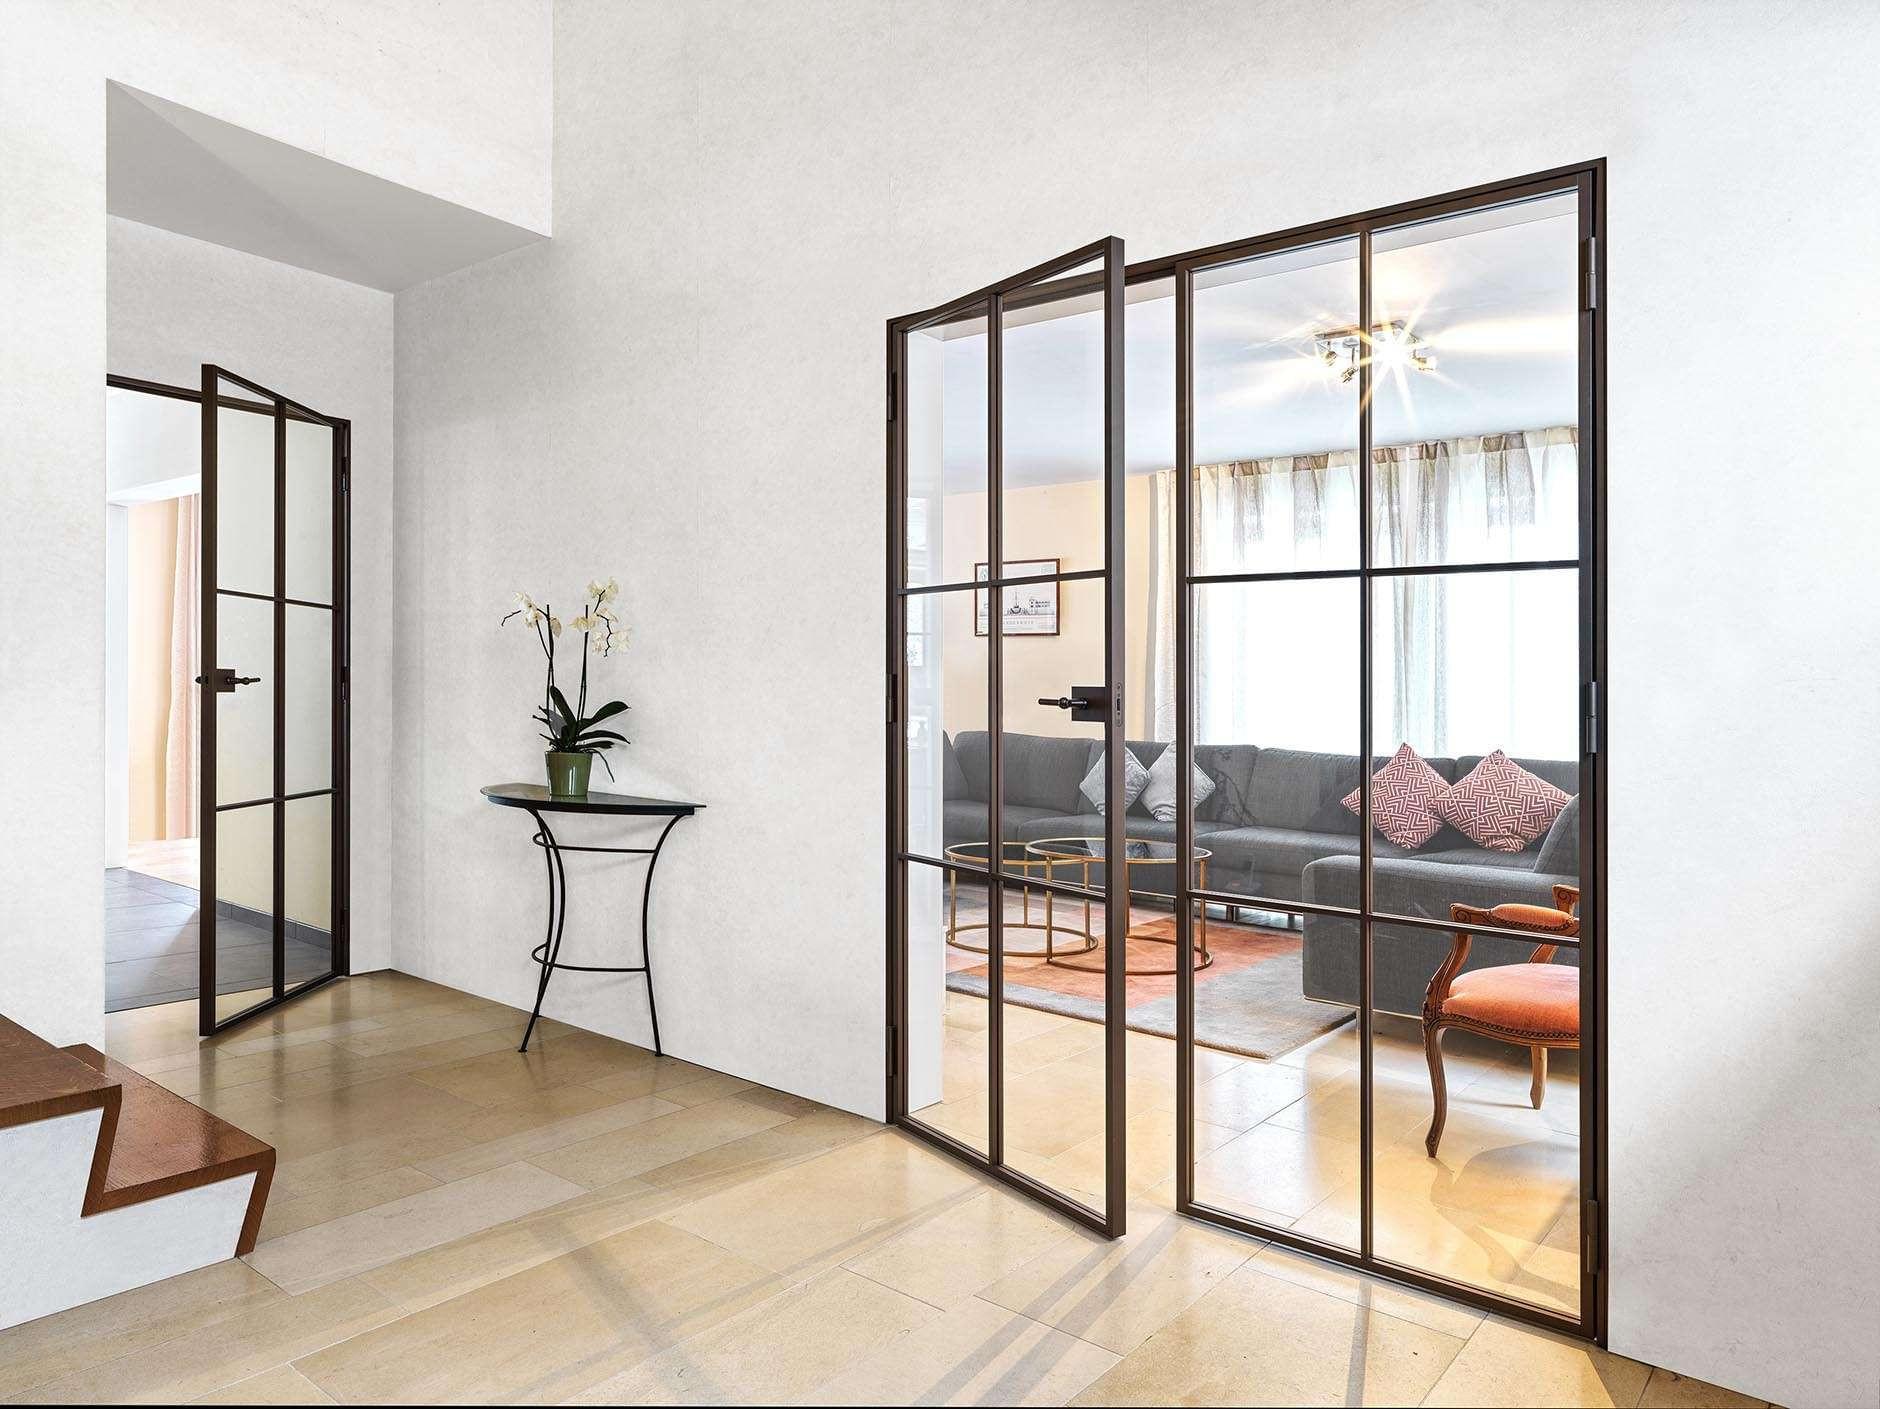 steellook-glazen-deur-brons